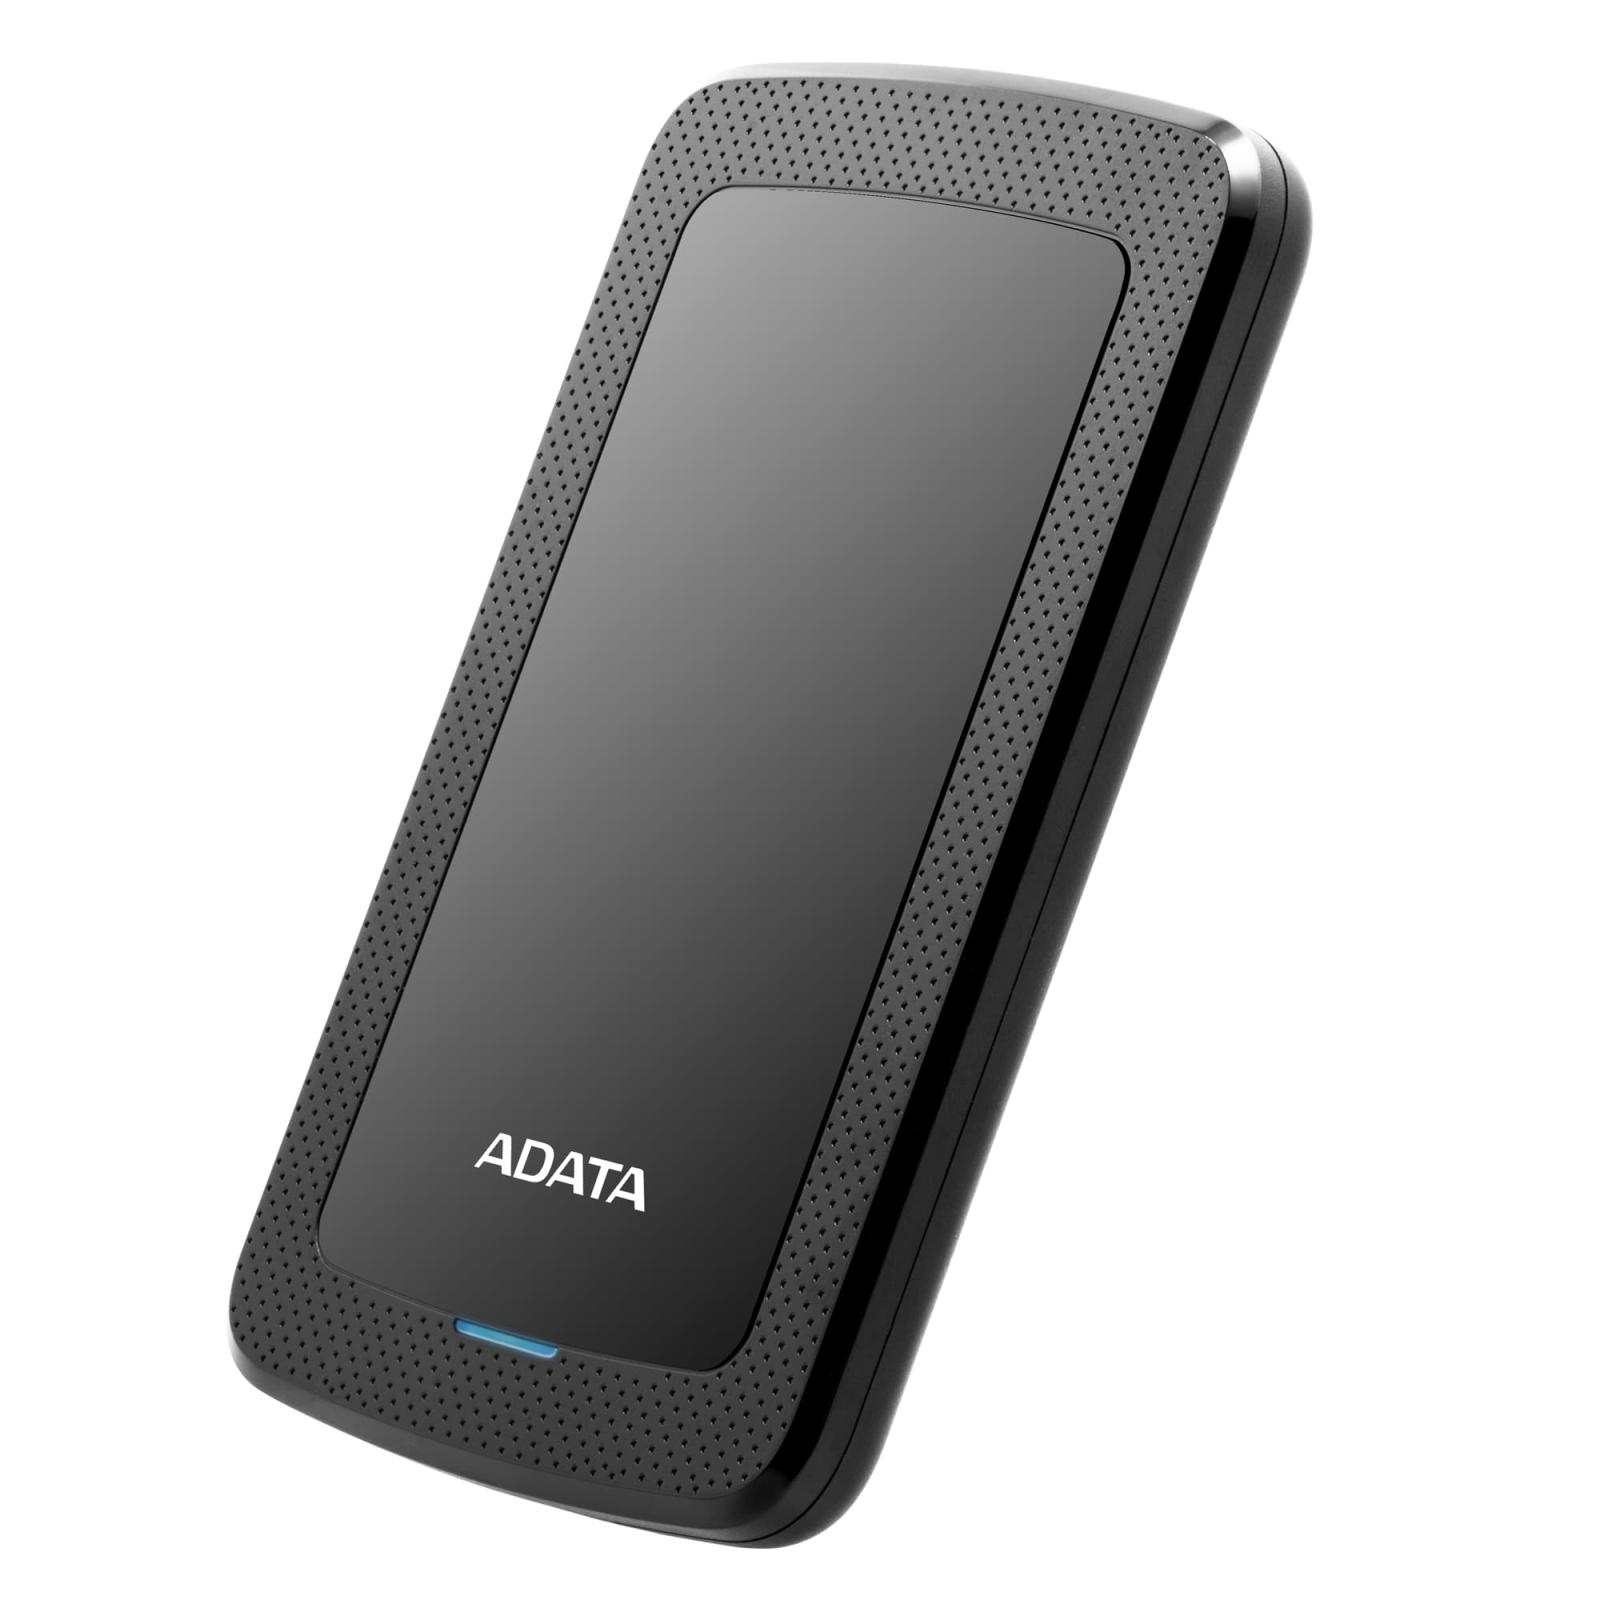 """Внешний жесткий диск 2.5"""" 5TB ADATA (AHV300-5TU31-CRD) изображение 2"""